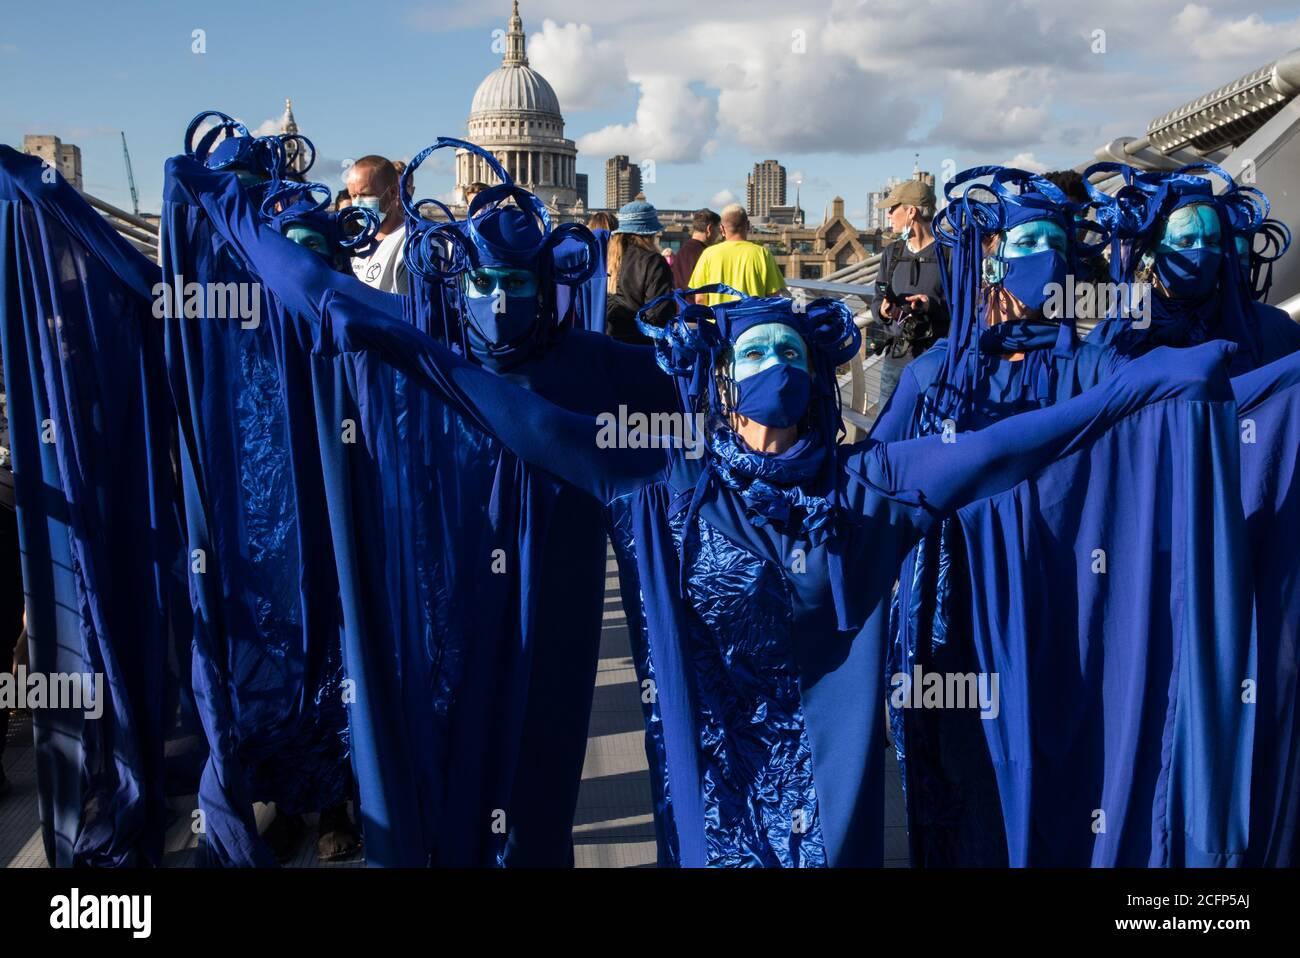 Londres, Reino Unido. 6 de septiembre de 2020. Los rebeldes azules cruzan el Puente del Milenio con otros activistas climáticos de la Rebelión del Océano y la Rebelión de extinción durante una colorida marcha de extinción Marina. Los activistas, que asisten a una serie de protestas de la Rebelión de septiembre en todo el Reino Unido, están exigiendo protecciones ambientales para los océanos y pidiendo el fin de la inacción gubernamental global para salvar los mares. Crédito: Mark Kerrison/Alamy Live News Foto de stock